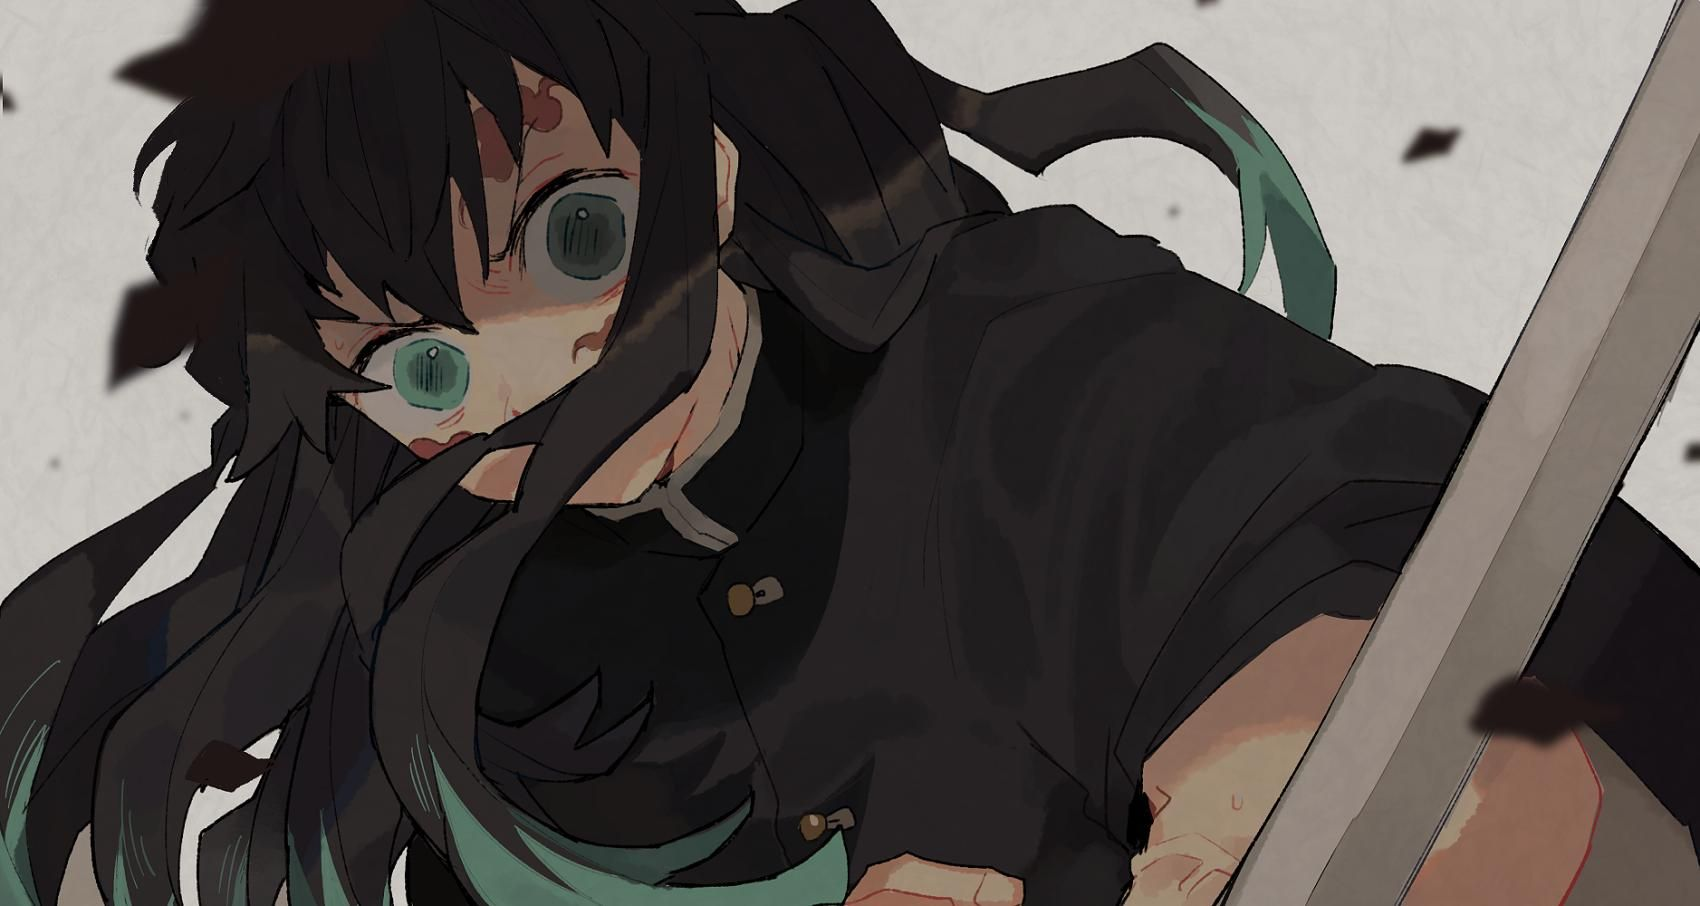 やい on twitter fan anime anime slayer